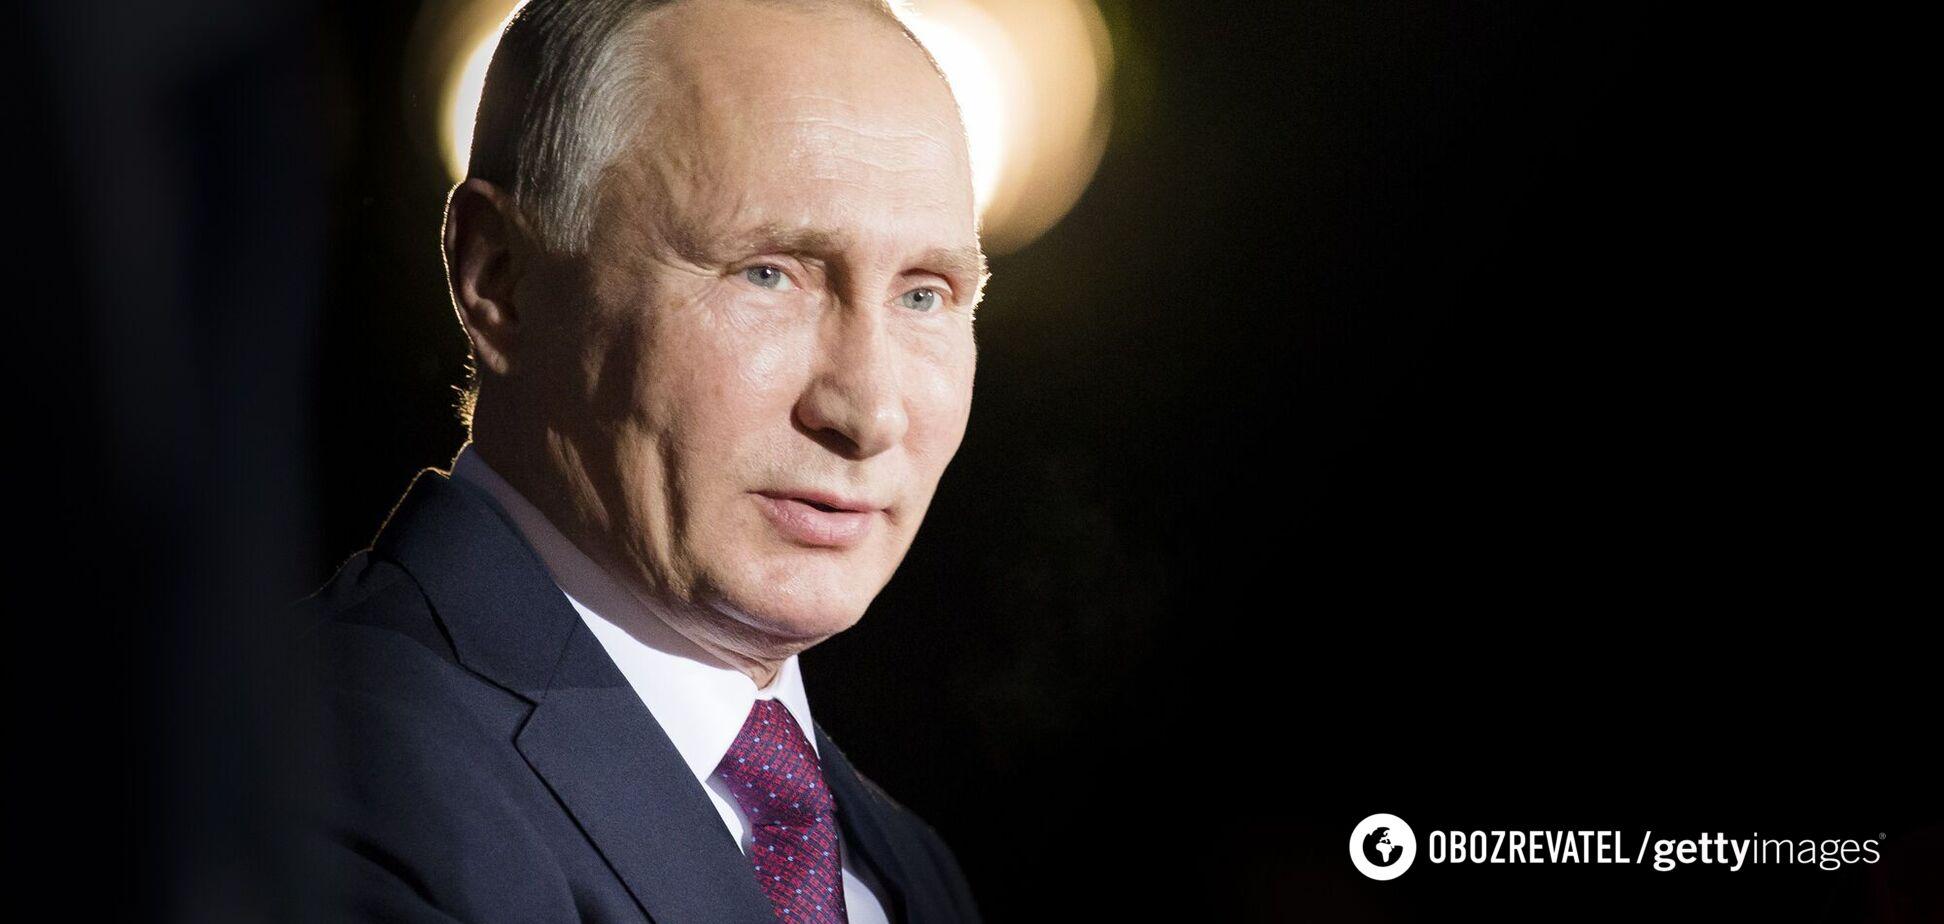 Путін заявить про анексію Донбасу 21 квітня?